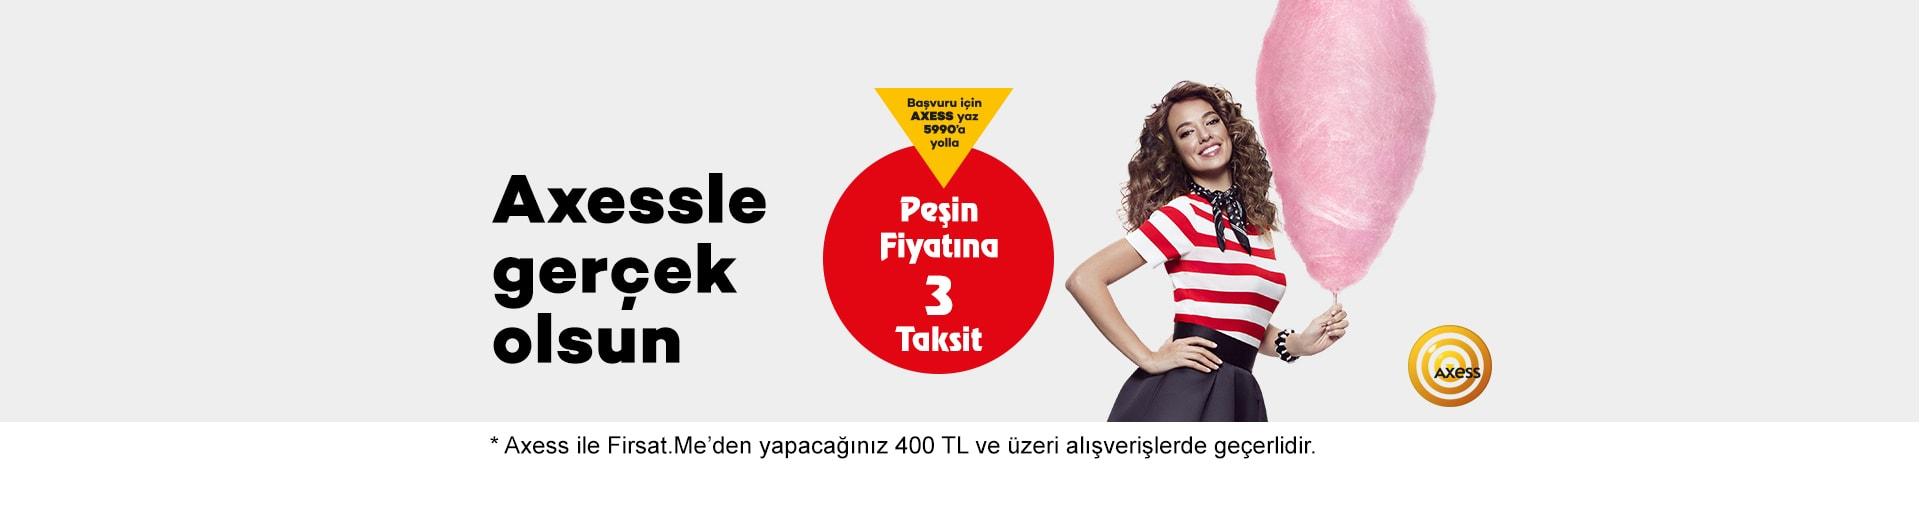 400 TL ve Üzeri Alışverişlerde Axess'e Özel Peşin Fiyatına 3 Taksit